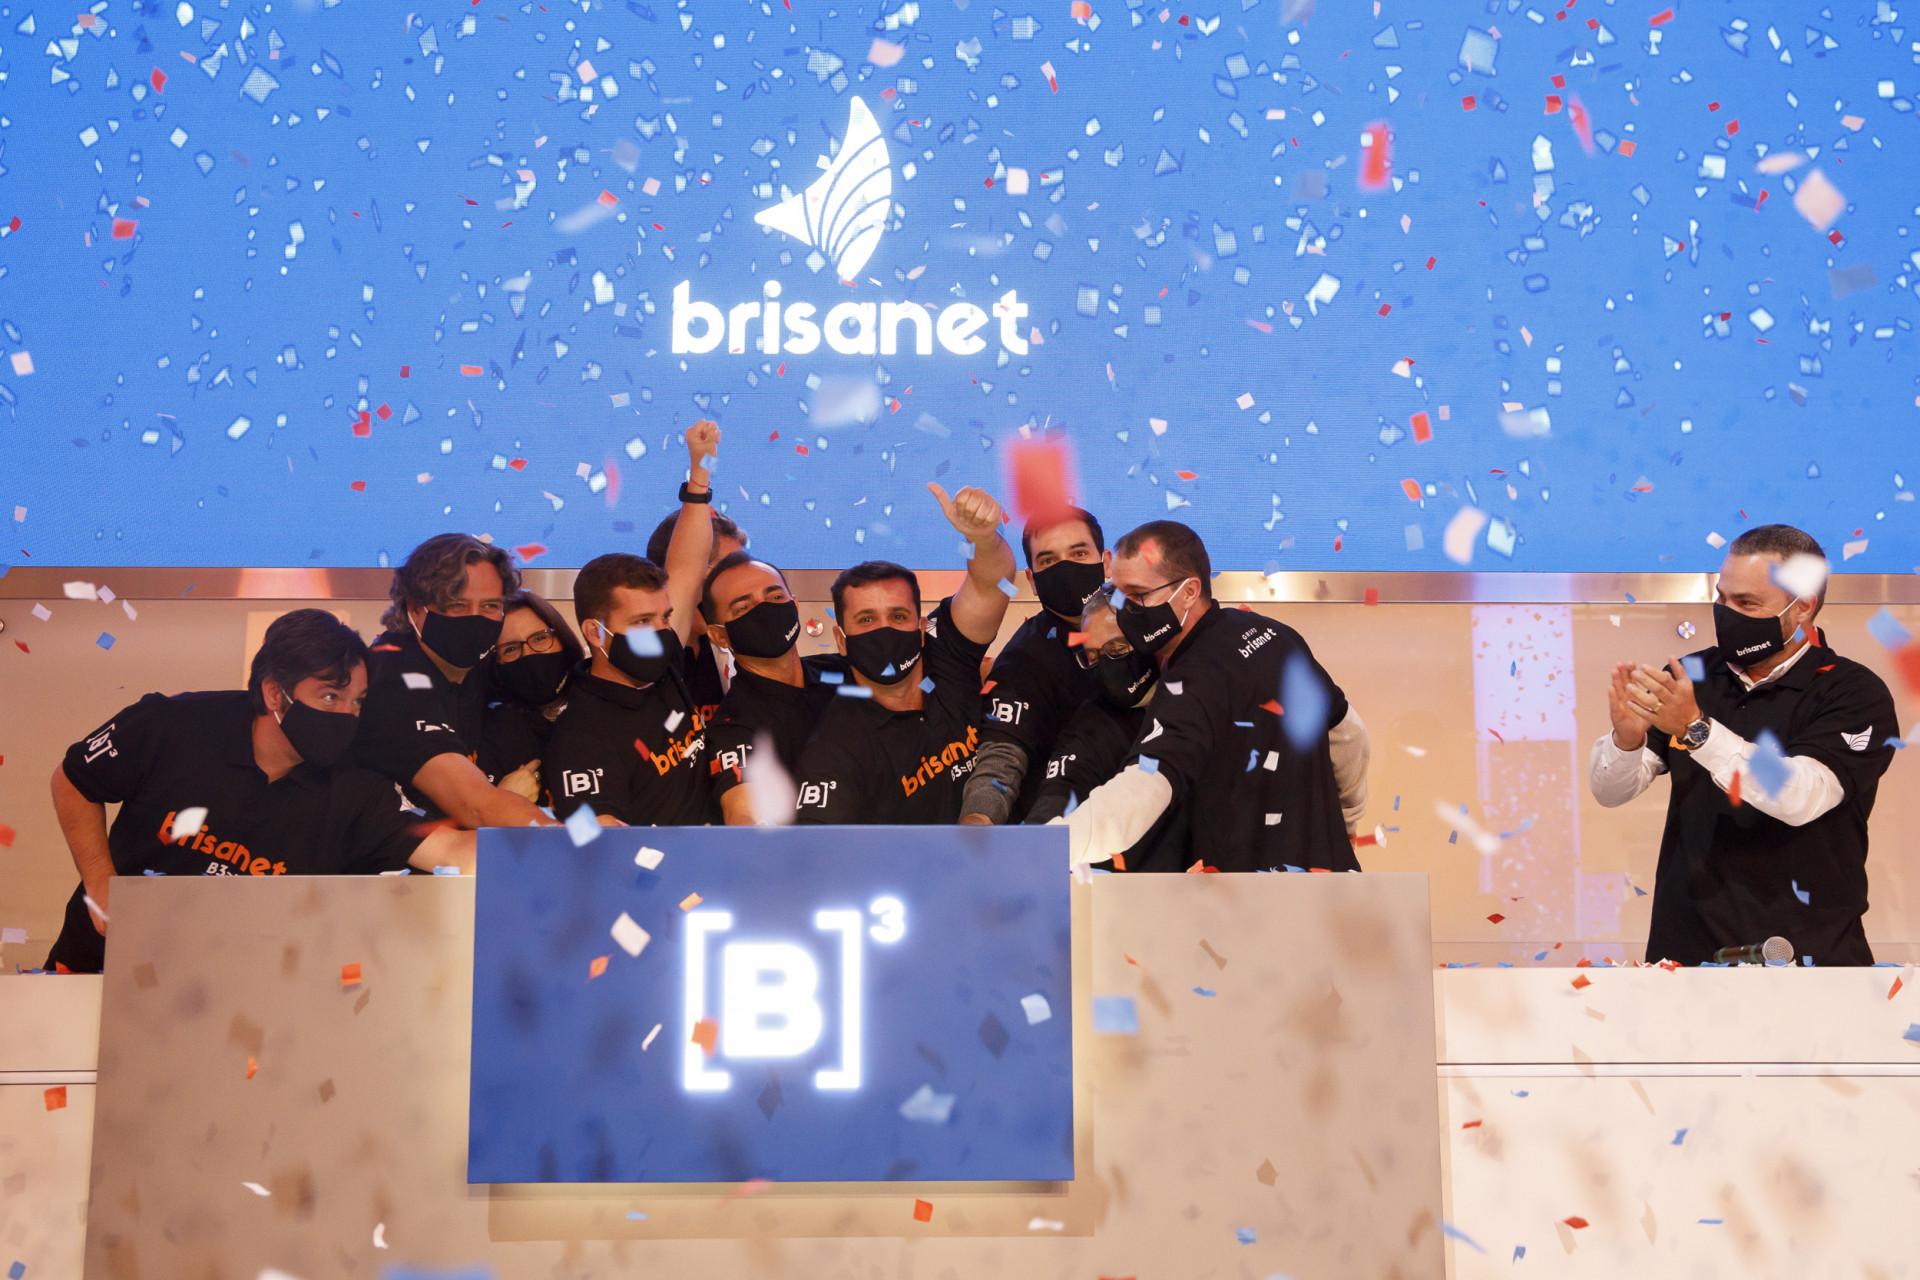 Brisanet estreou na B3 no dia 29 de julho (Foto: Cauê Diniz / B3)